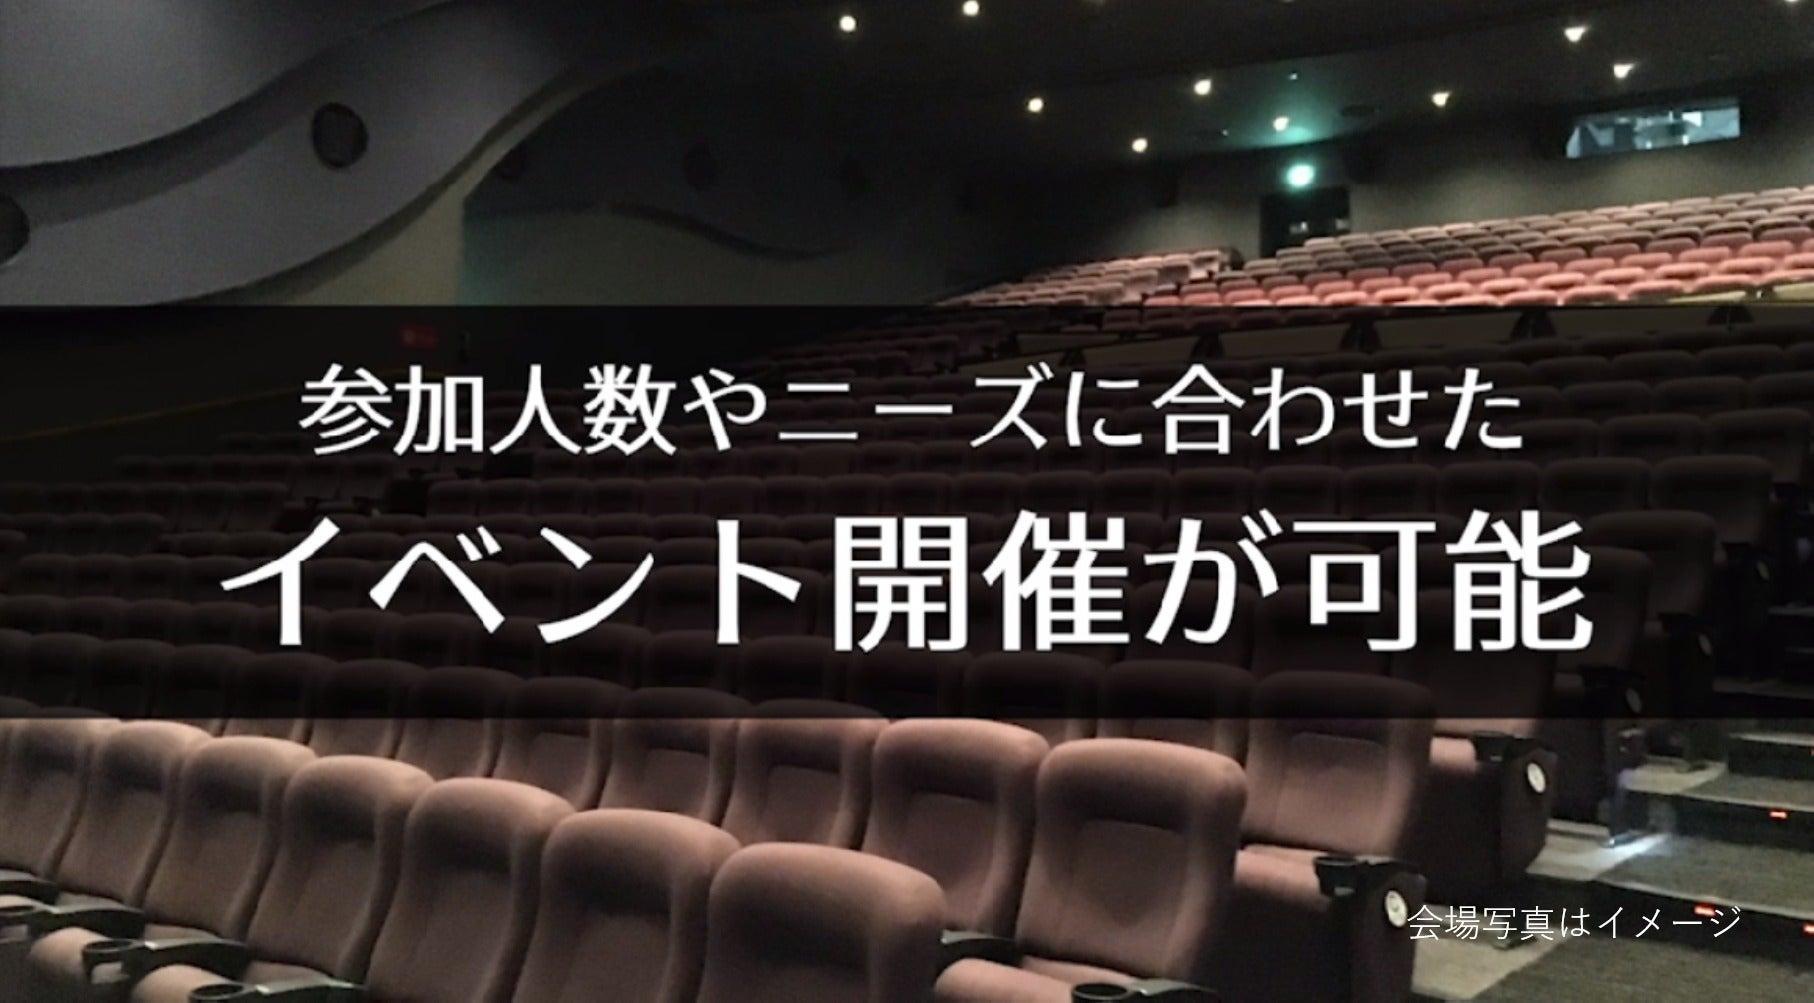 【幕張 113席】映画館で、会社説明会、株主総会、講演会の企画はいかがですか?